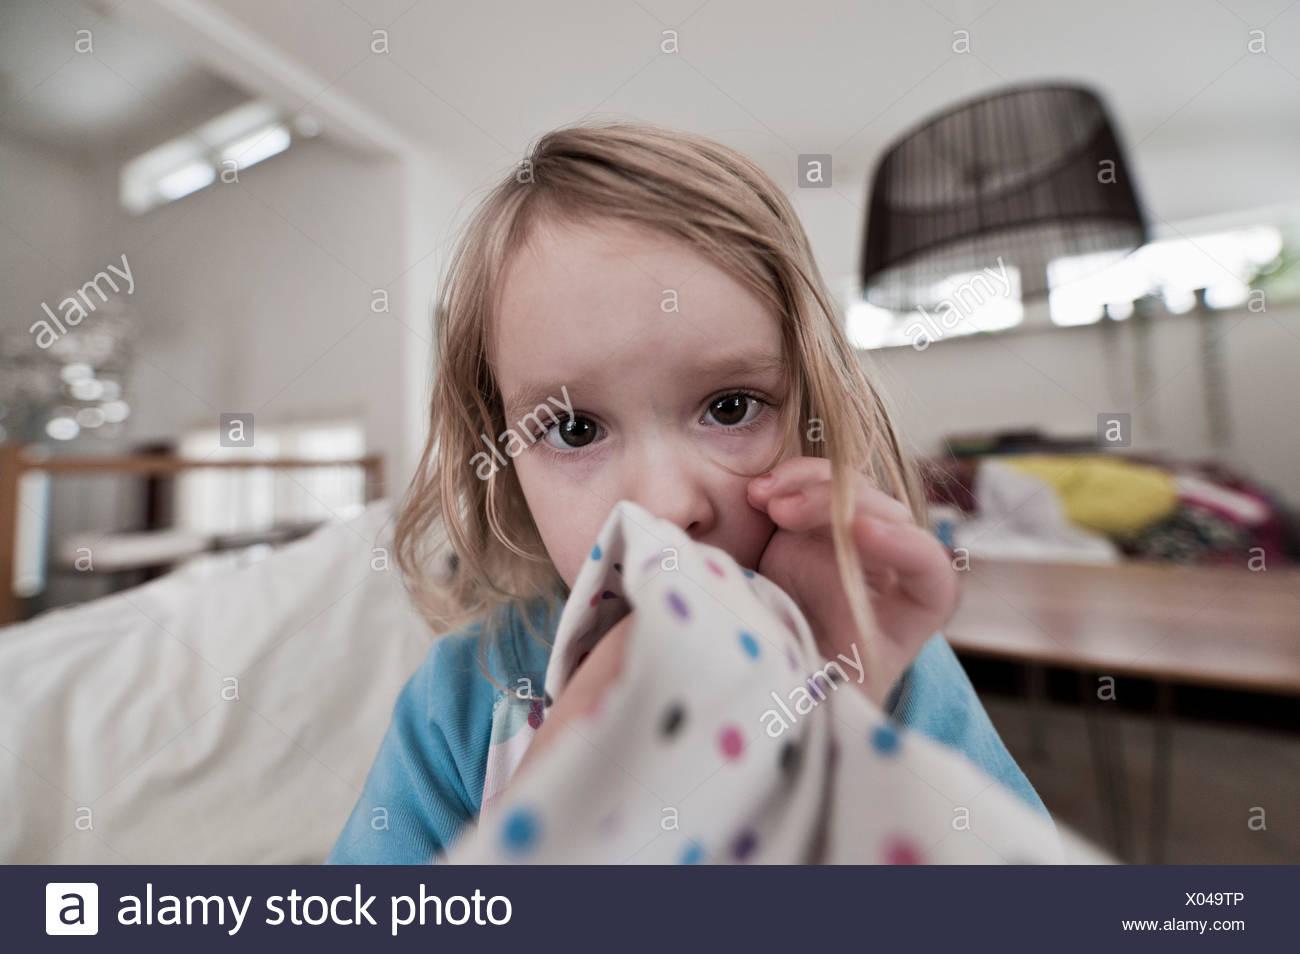 Porträt von Vorschulkind Mädchen Daumenlutschen Stockbild